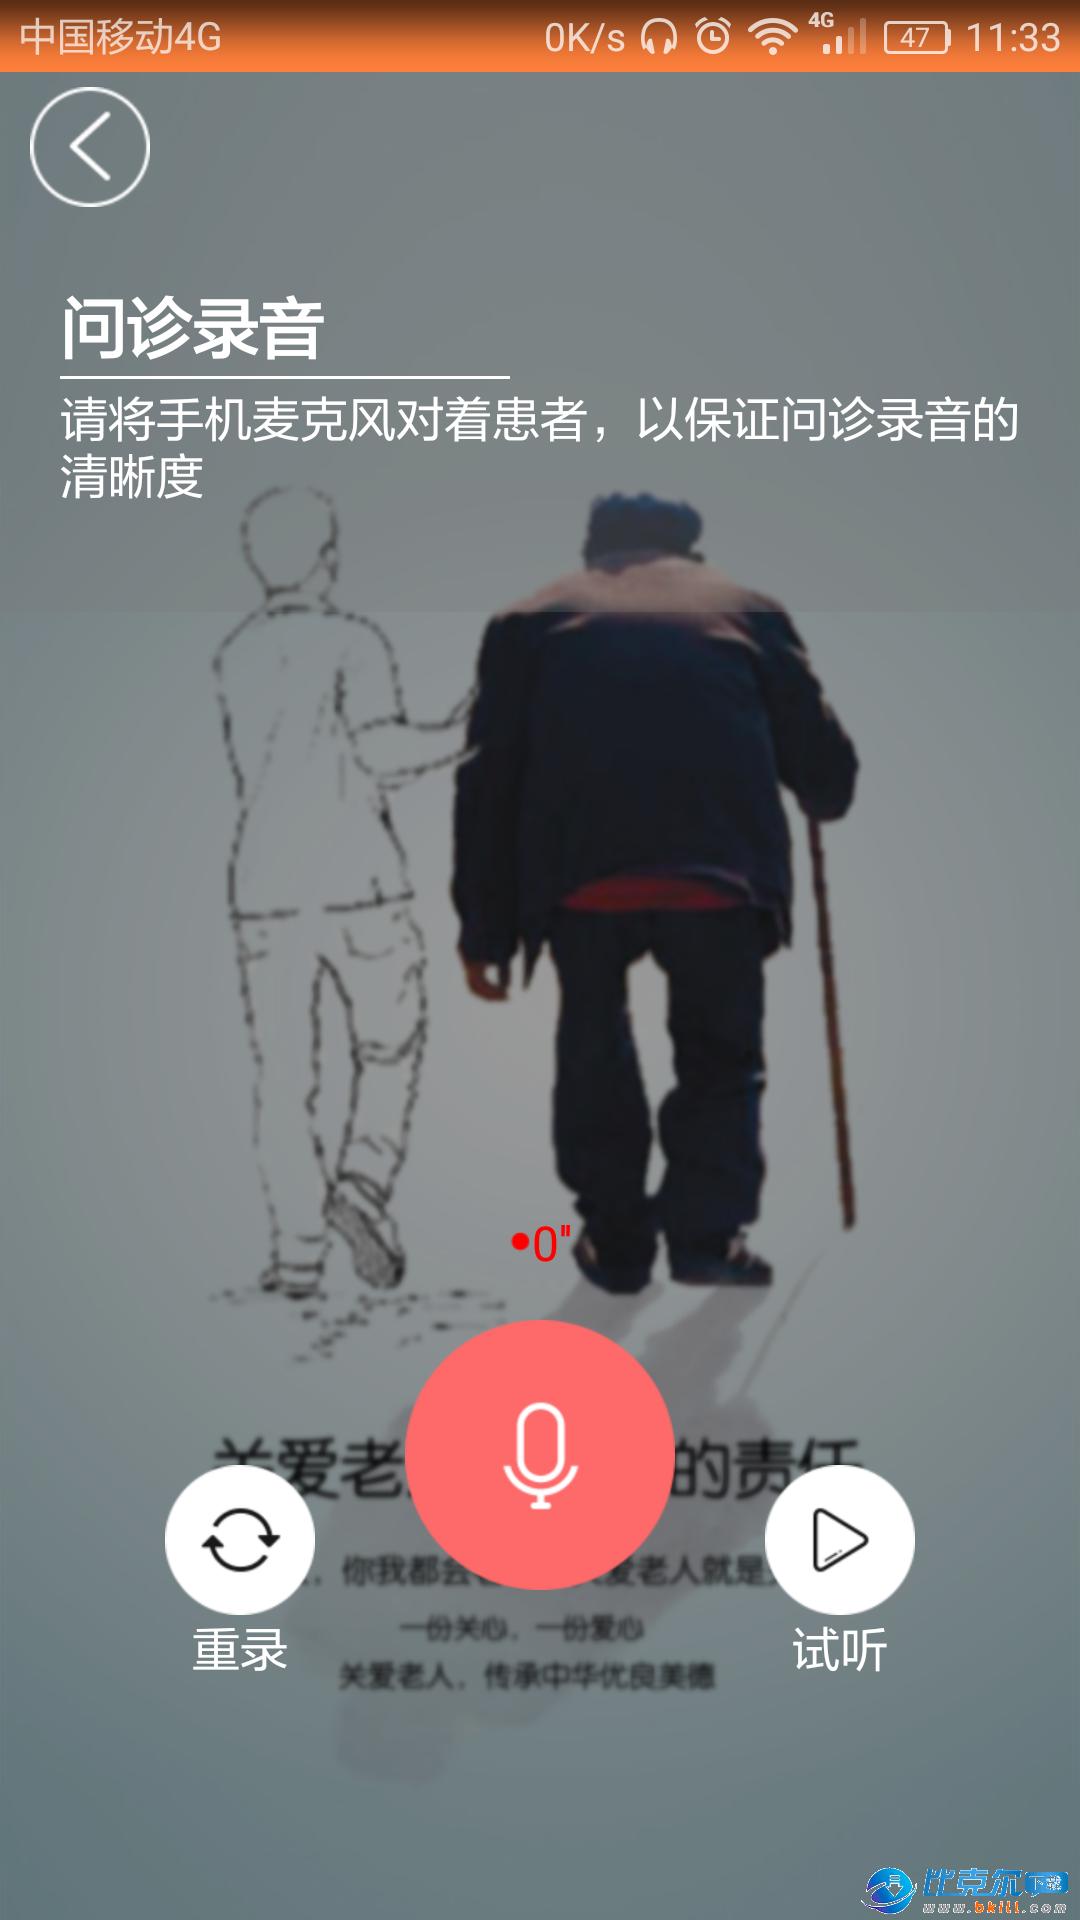 牧牛出诊医生端app